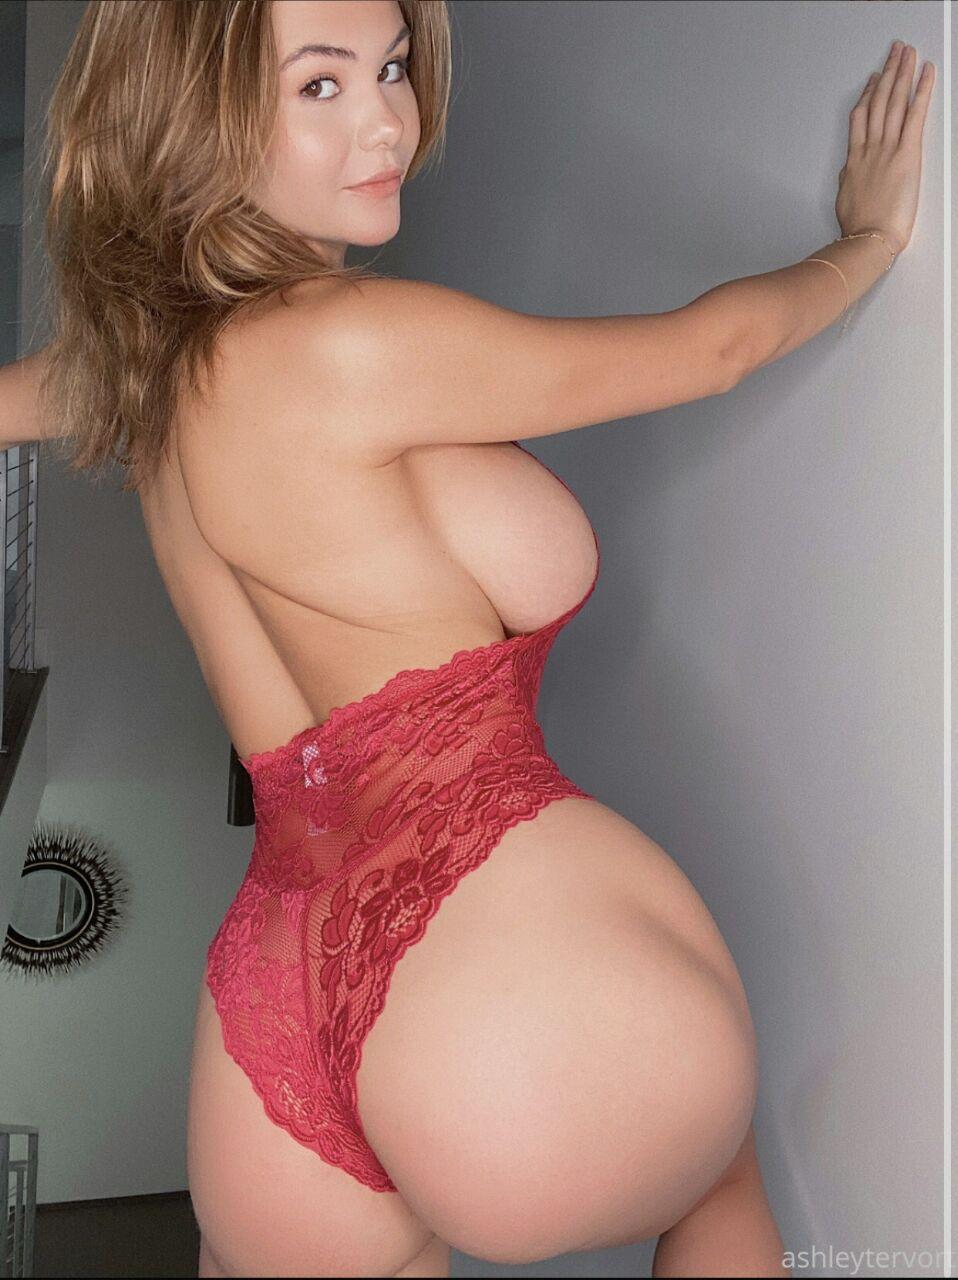 Ashley Tervort Fantastic Tits